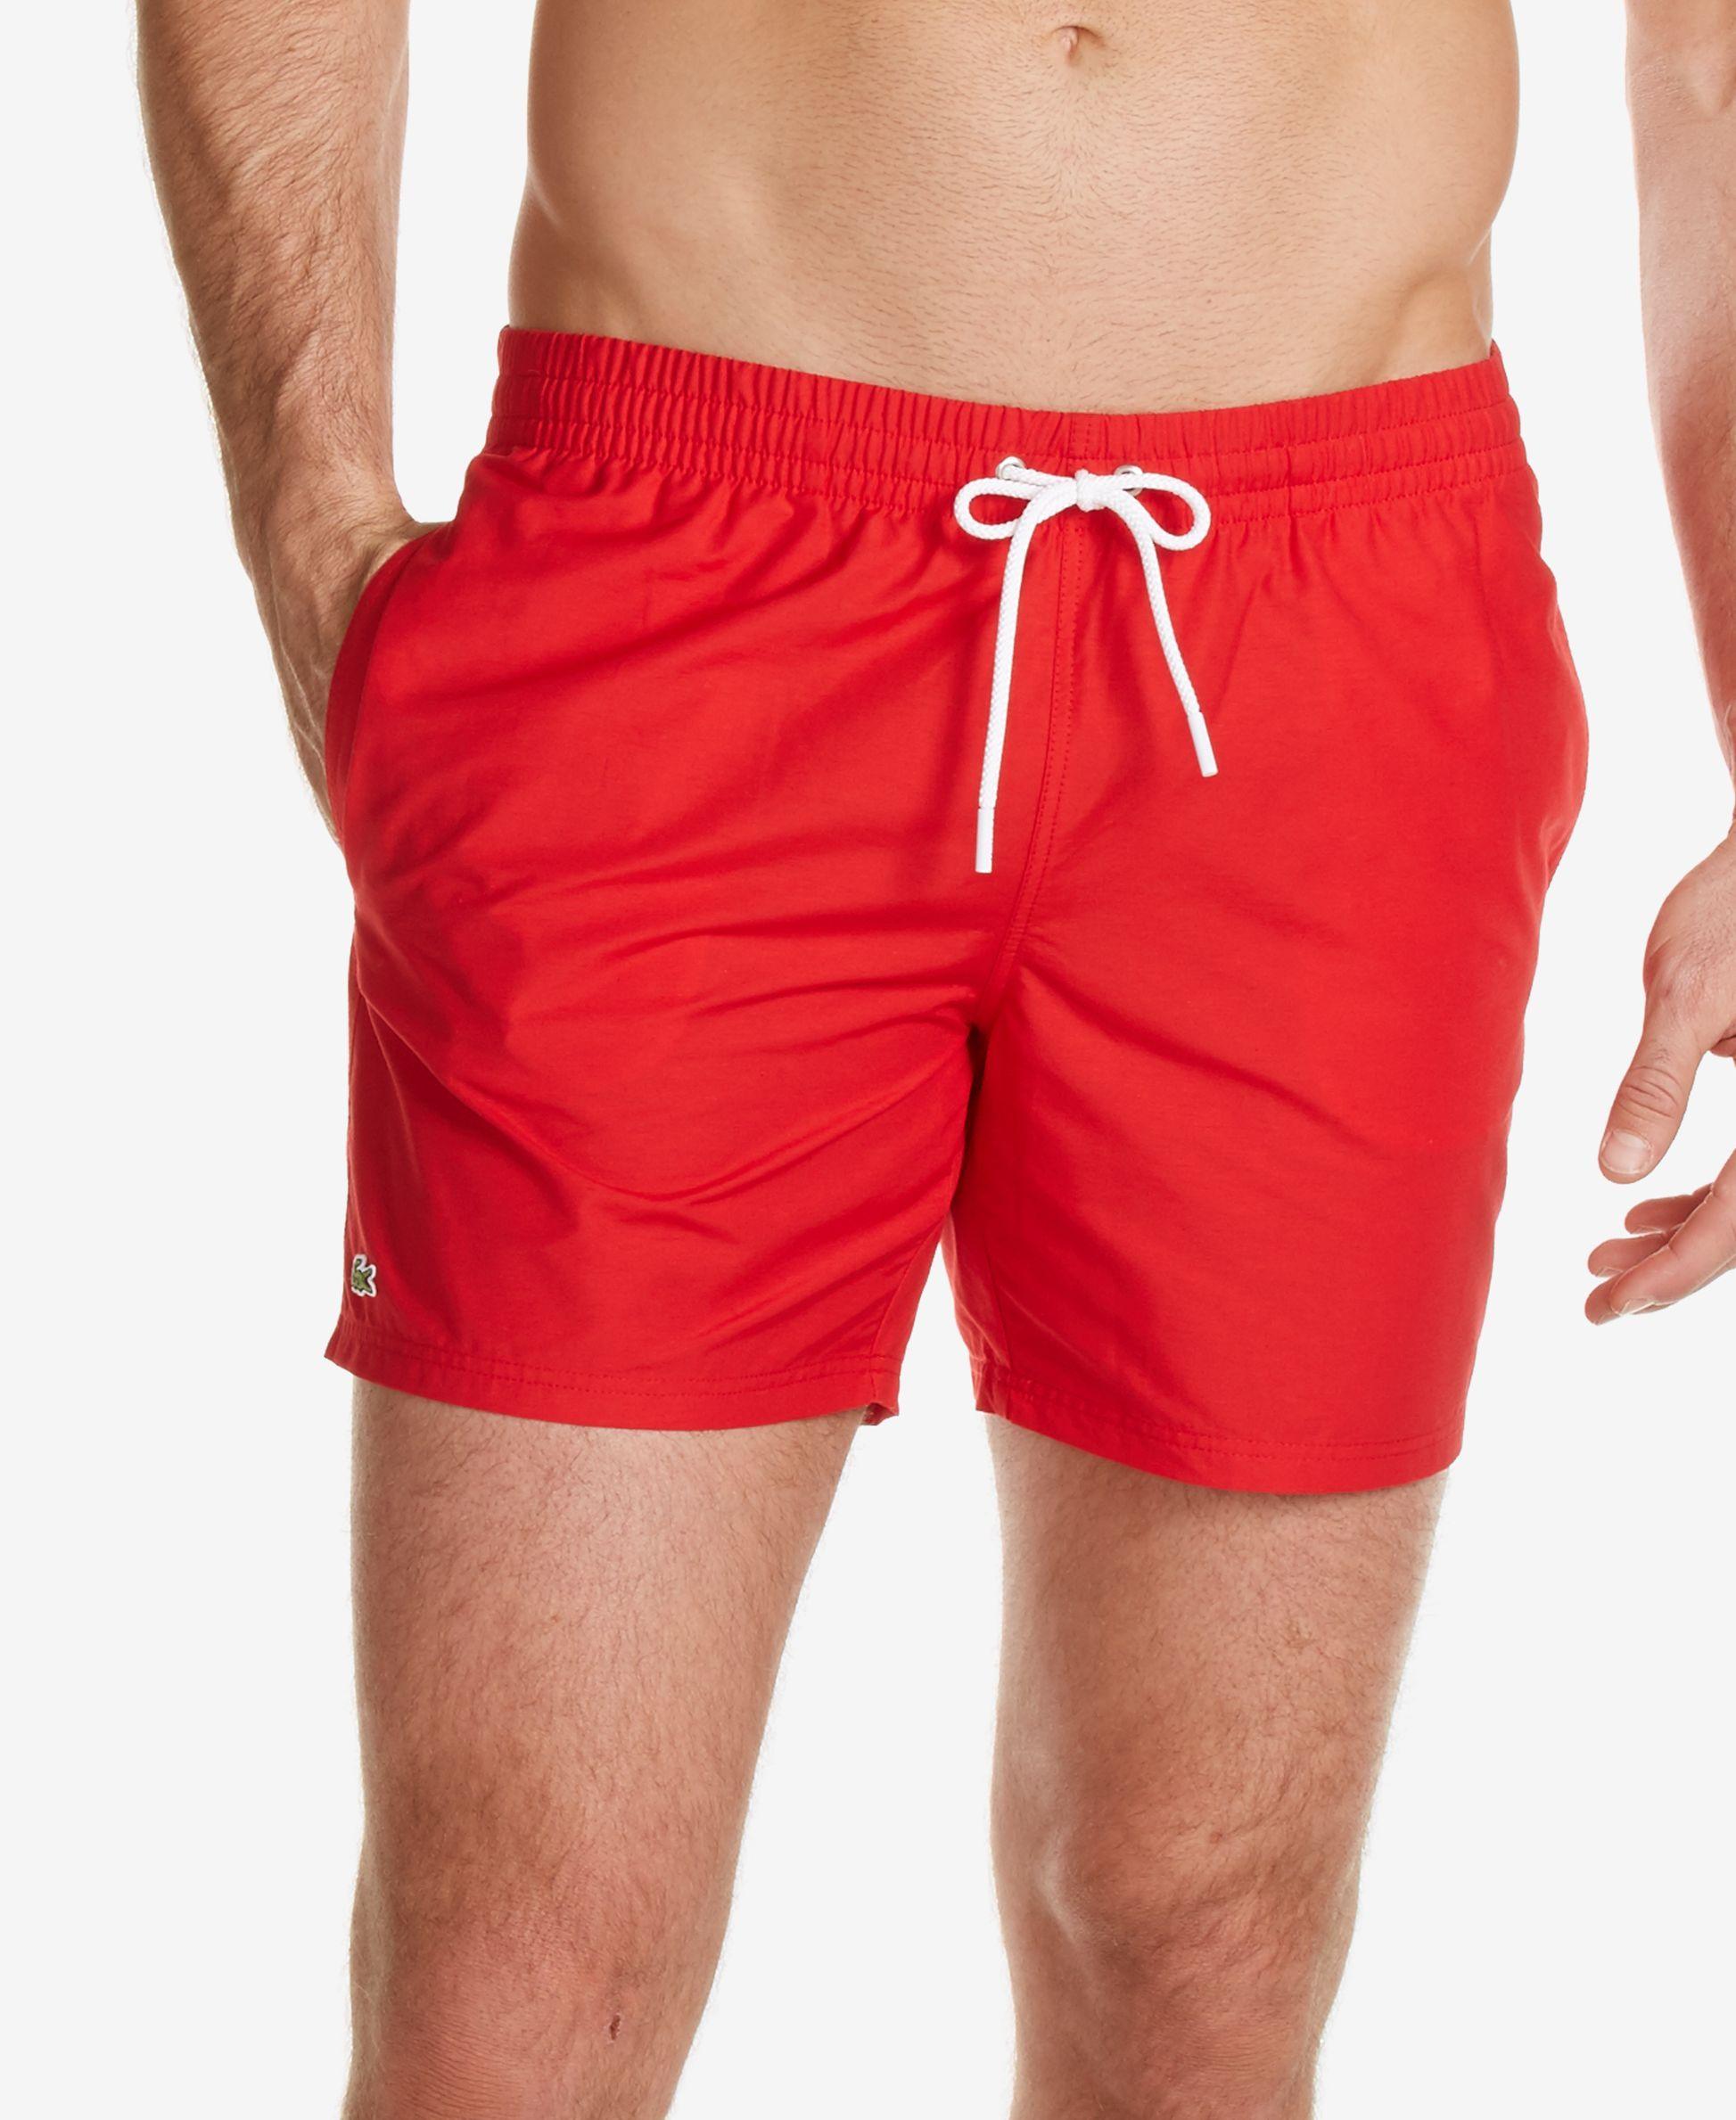 e4724f86 Lacoste Men's Basic Swim Trunks | Swimwear | Ropa de playa, Shorts ...